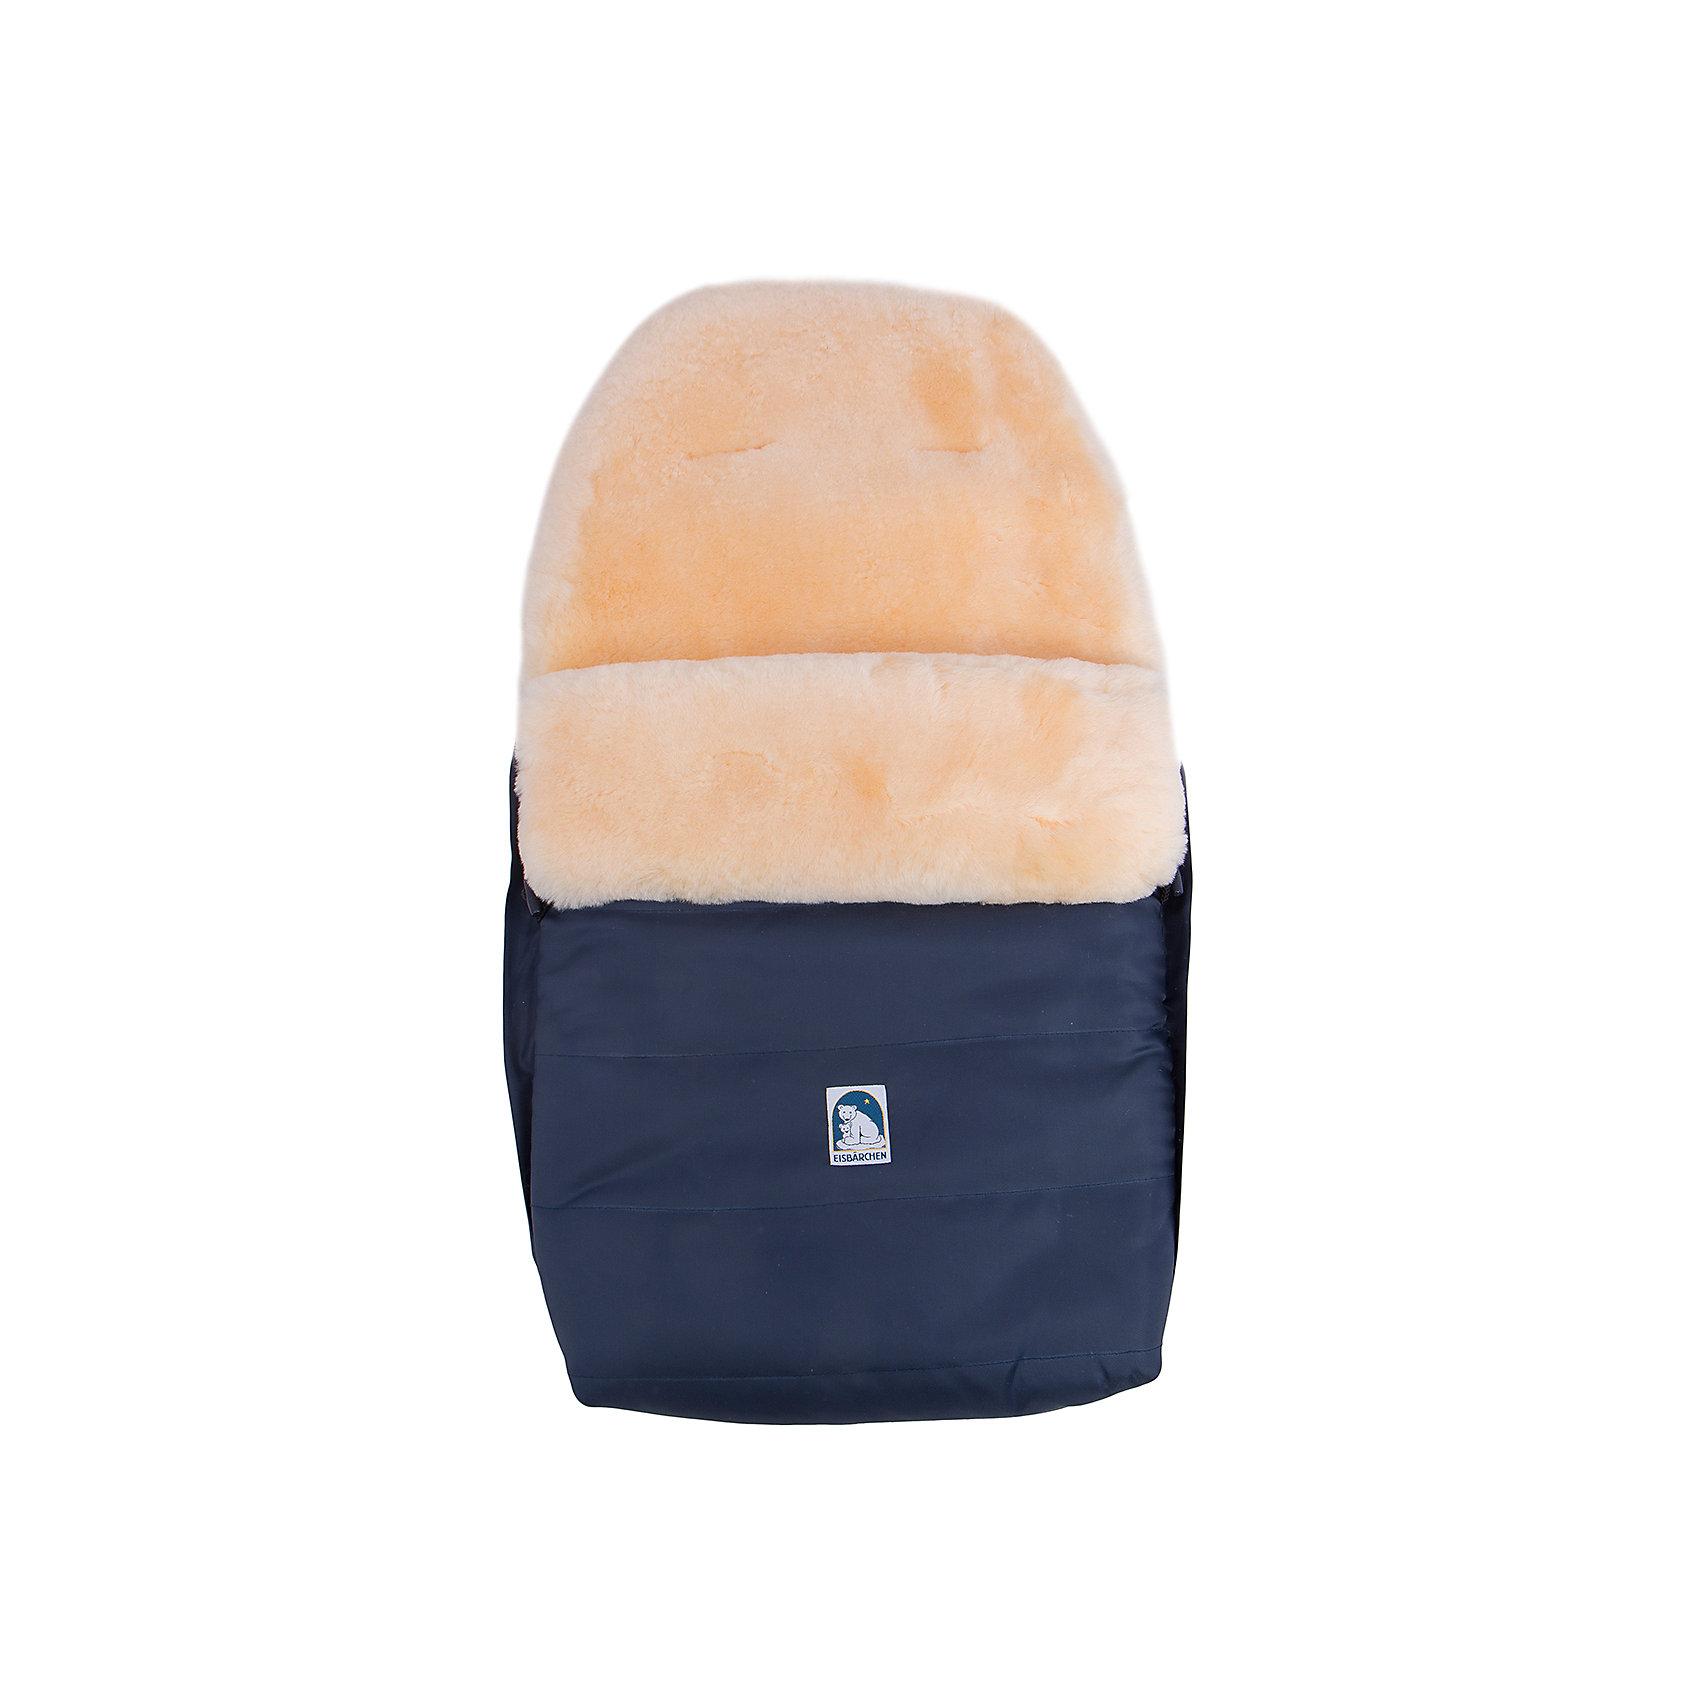 Конверт 968 МА, Heitmann Felle, синийЗимние конверты<br>Меховой конверт Heitmann Felle предназначен для прогулок с малышом, в том числе, в коляске и автокресле. Мех ягненка внутри конверта имеет высоту в 30 мм и прекрасно сохранит тепло и уют для крохи. Материалы, из которых изготовлен конверт, гипоаллергенны и водонепроницаемы. Удобно застегивается с помощью двухсторонней молнии.  Для безопасных прогулок в коляске предусмотрены прорези для пятиточечных ремней безопасности. Конверт можно стирать при температуре 30°. Подарите крохе тепло и комфорт с конвертом Heitmann Felle!<br><br>Дополнительная информация:<br>-антиаллергенный материал<br>-верх отстегивается<br>-двухсторонняя молния<br><br>Материал: овчина, ткань<br>Размер: 90х50 см<br>Вес: 3 кг<br>Цвет: синий<br>Вы можете приобрести конверт Heitmann Felle в нашем интернет-магазине.<br><br>Ширина мм: 860<br>Глубина мм: 490<br>Высота мм: 100<br>Вес г: 2000<br>Возраст от месяцев: 0<br>Возраст до месяцев: 12<br>Пол: Унисекс<br>Возраст: Детский<br>SKU: 4977806